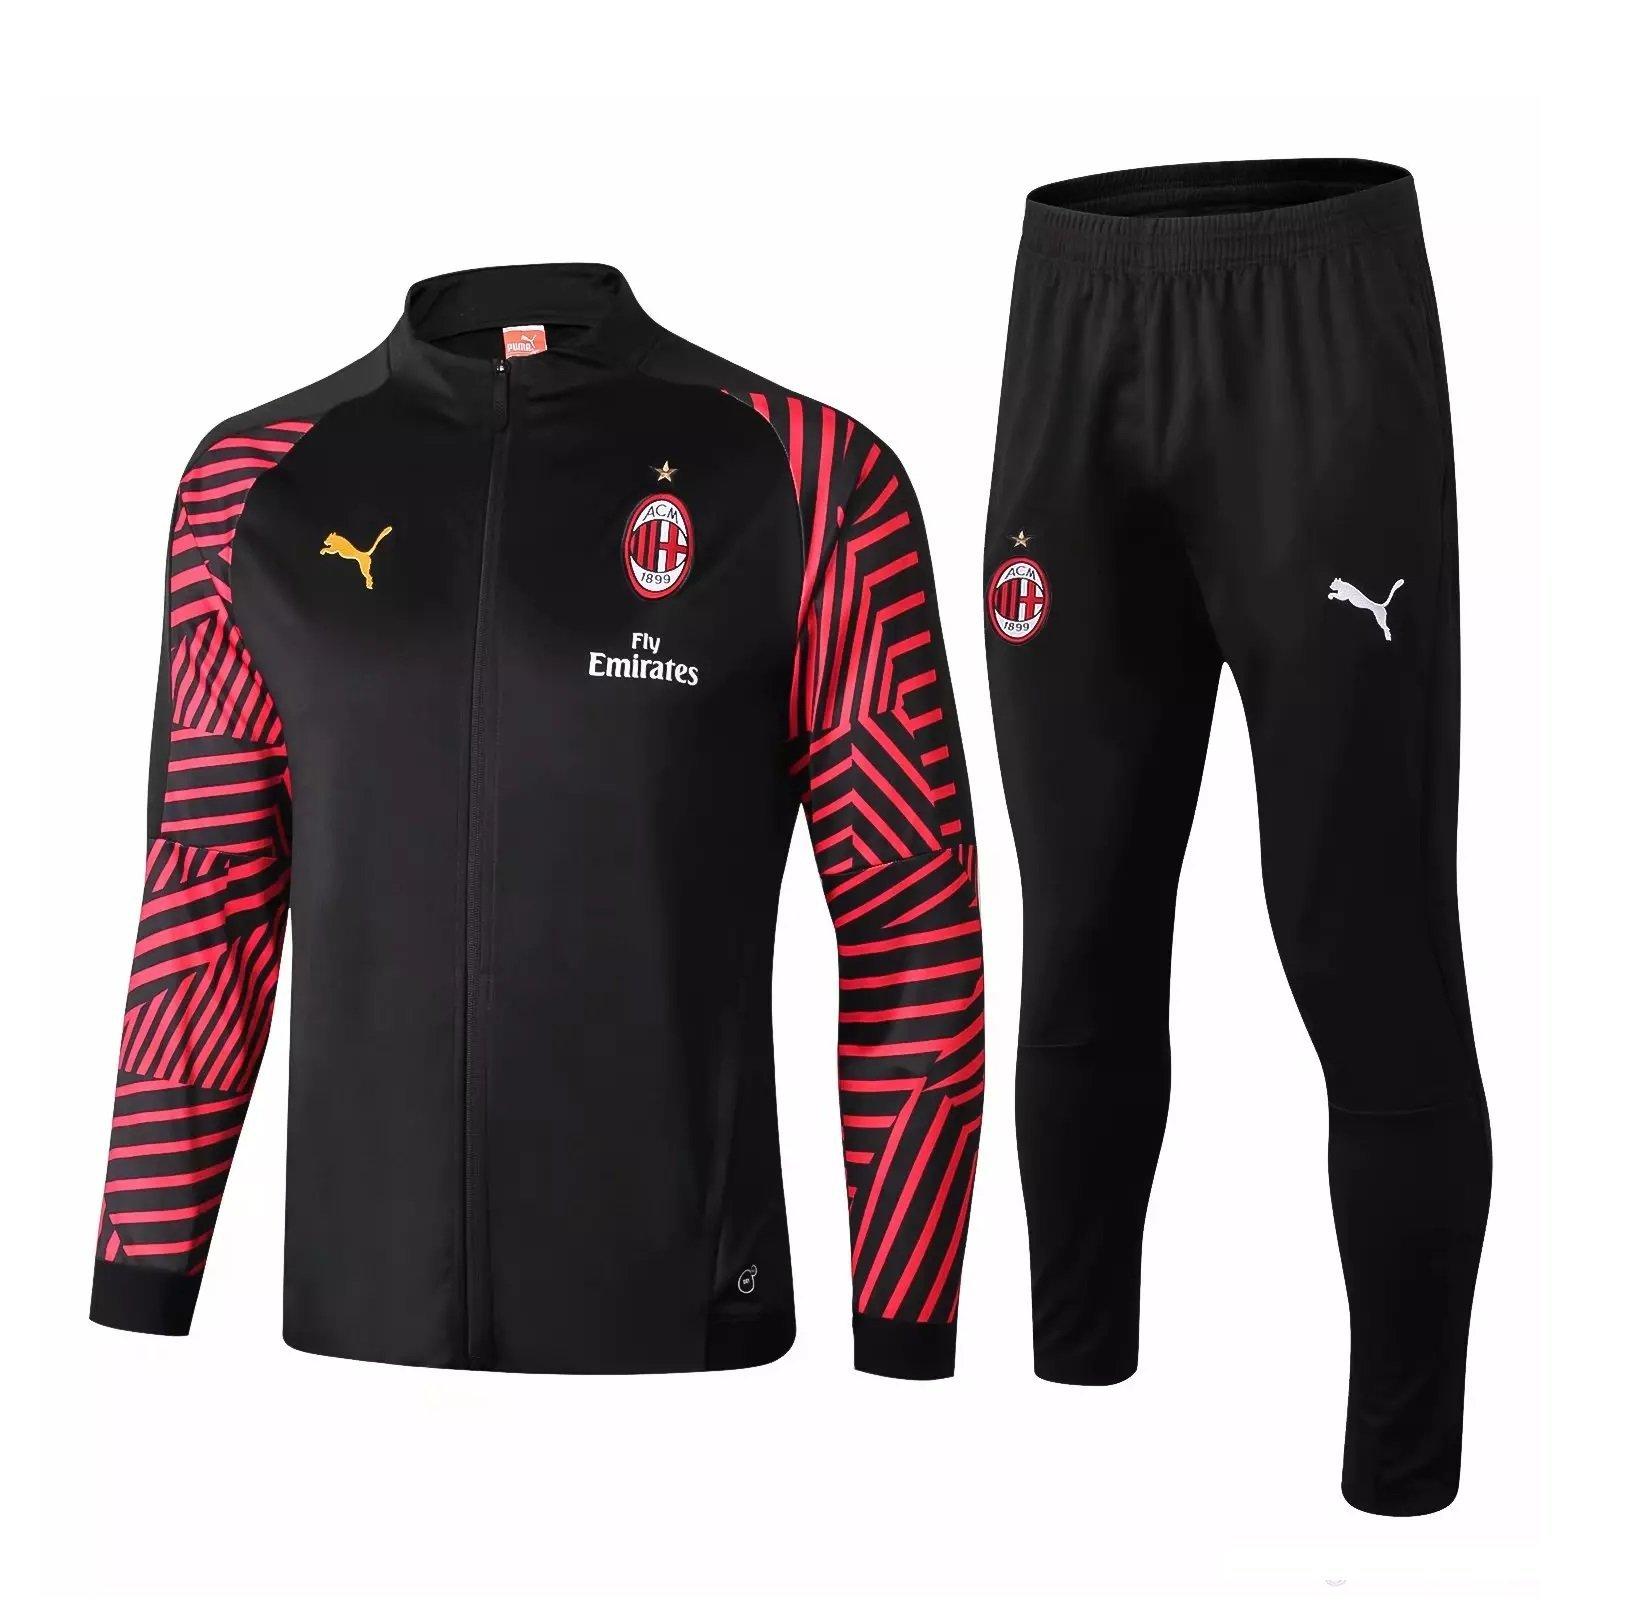 Спортивный костюм Puma AC Milan / 14720